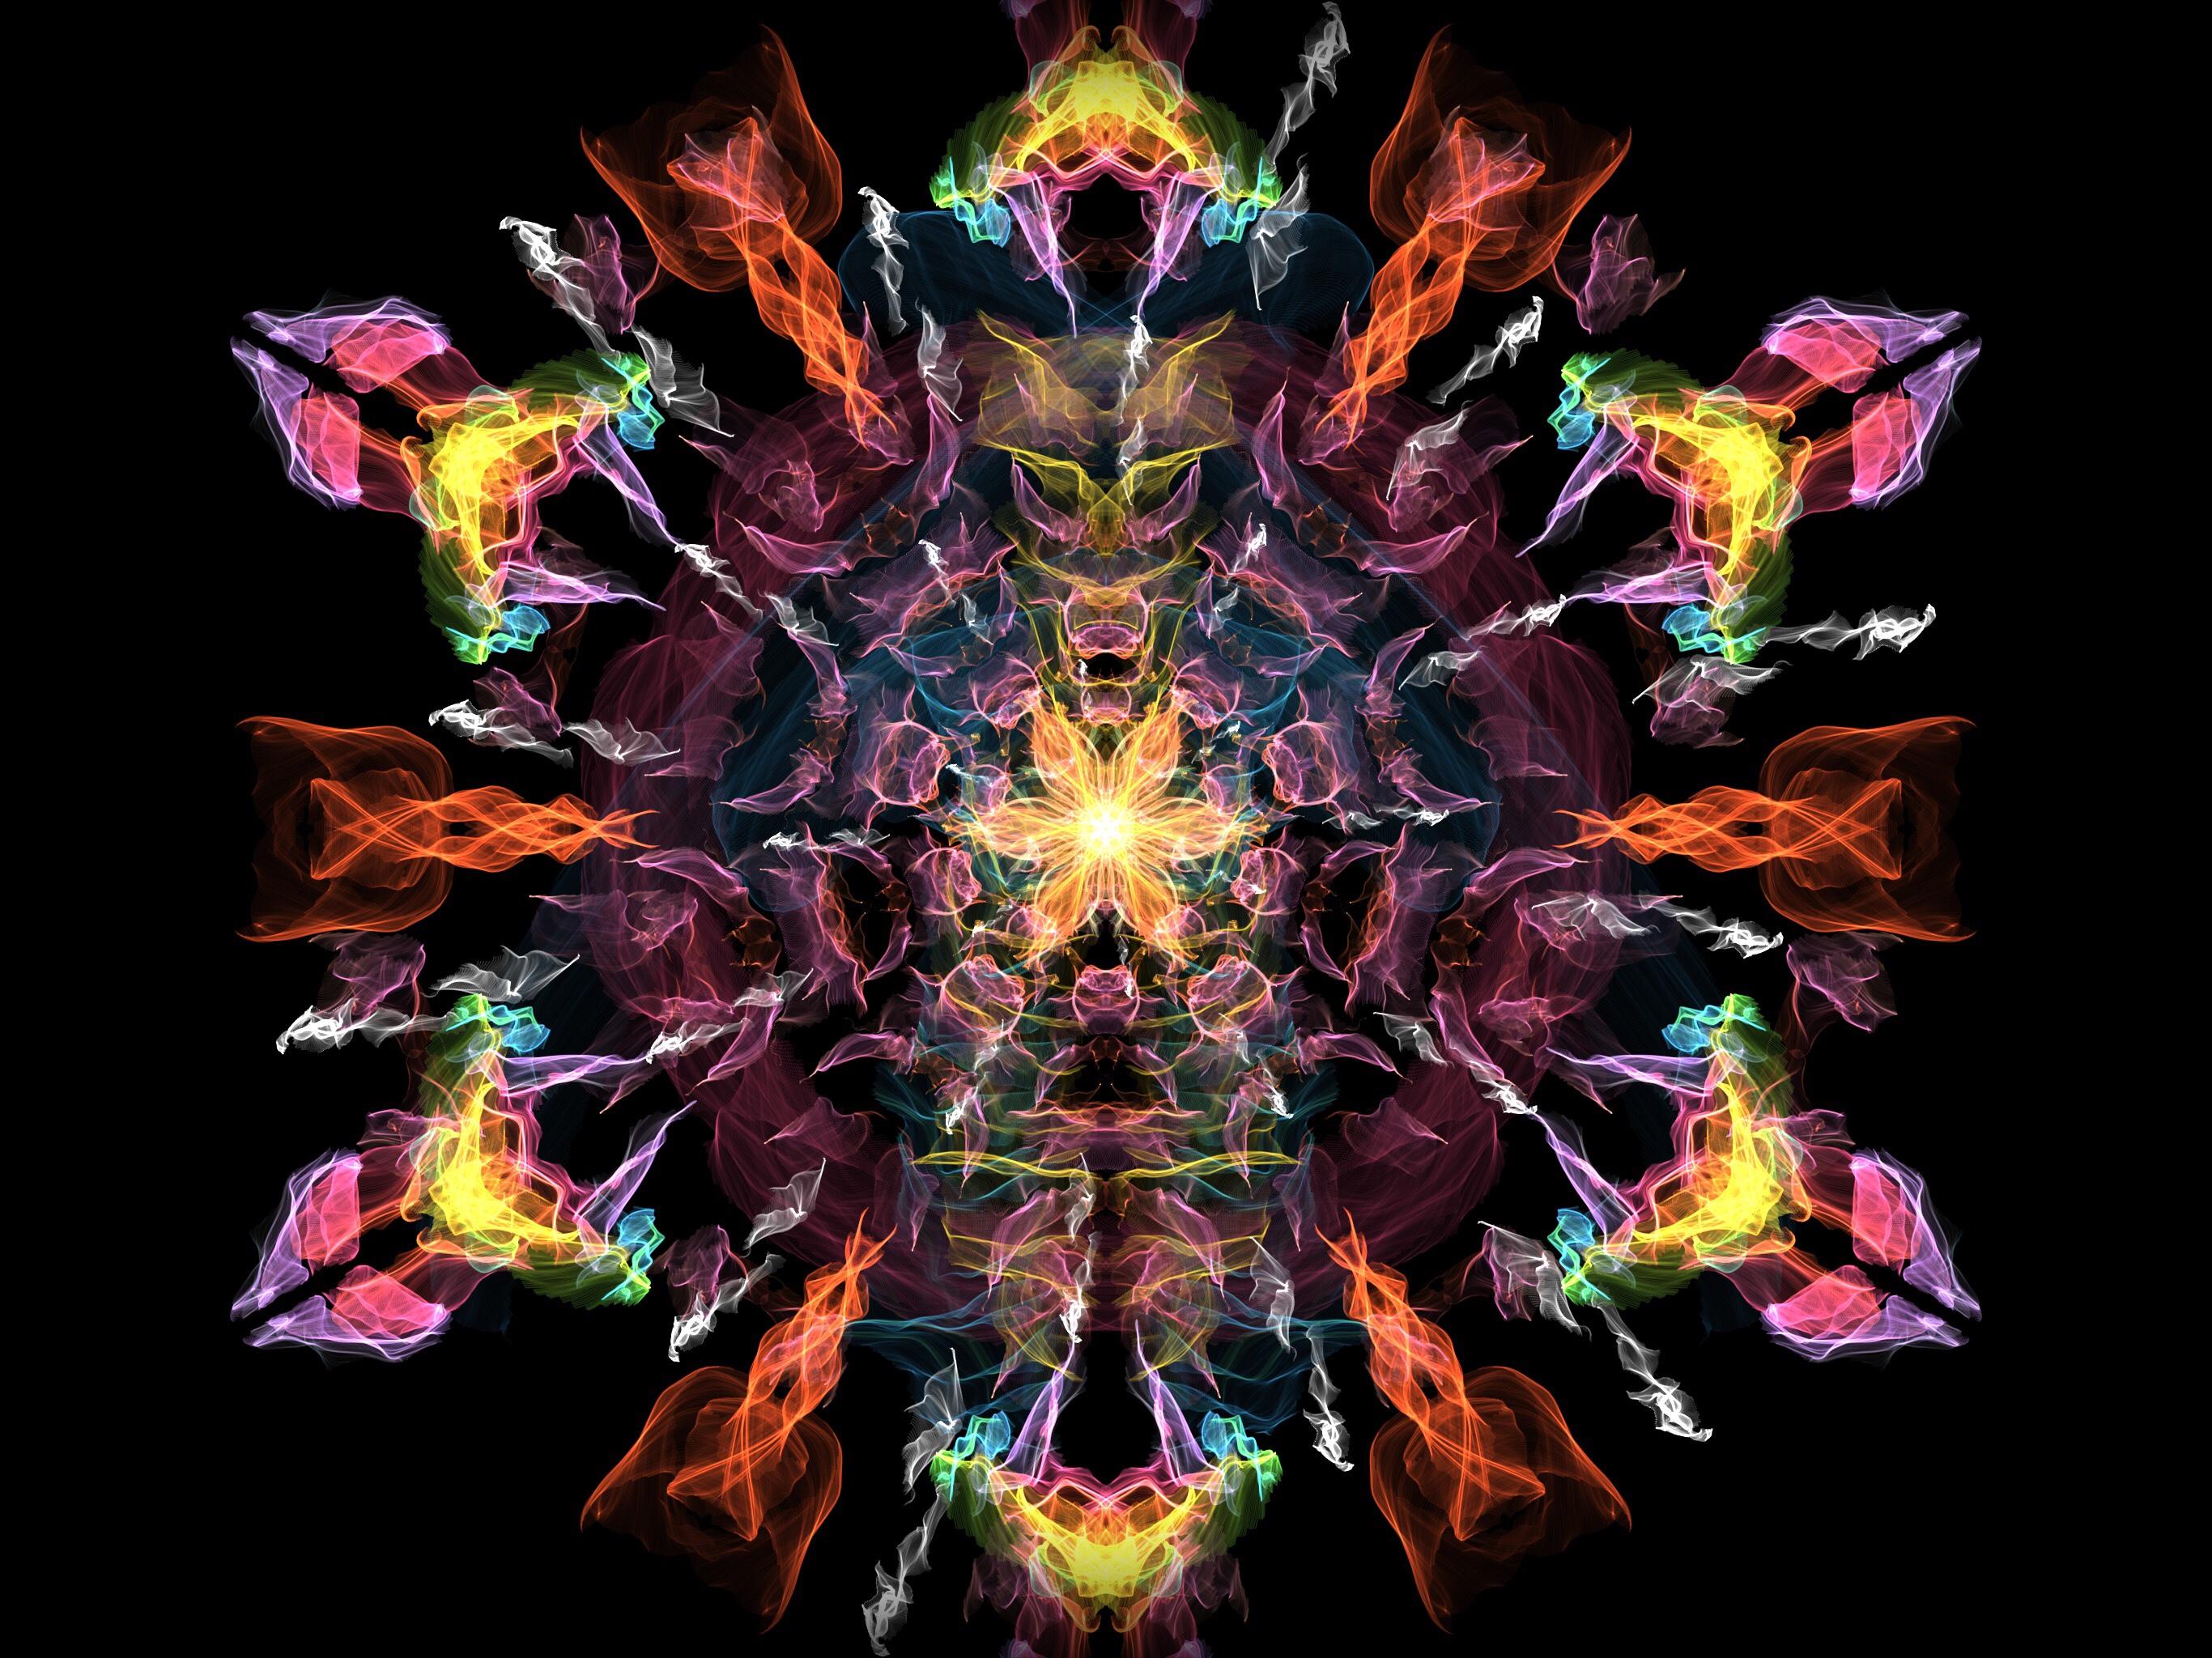 瞑想LOVE (Tantra & Kama sutra)